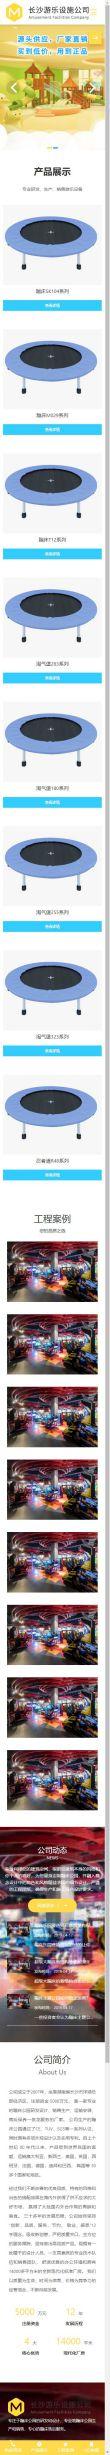 大型游乐场设备企业网站模板,大型游乐场设备企业网页模板,大型游乐场设备企业响应式模板